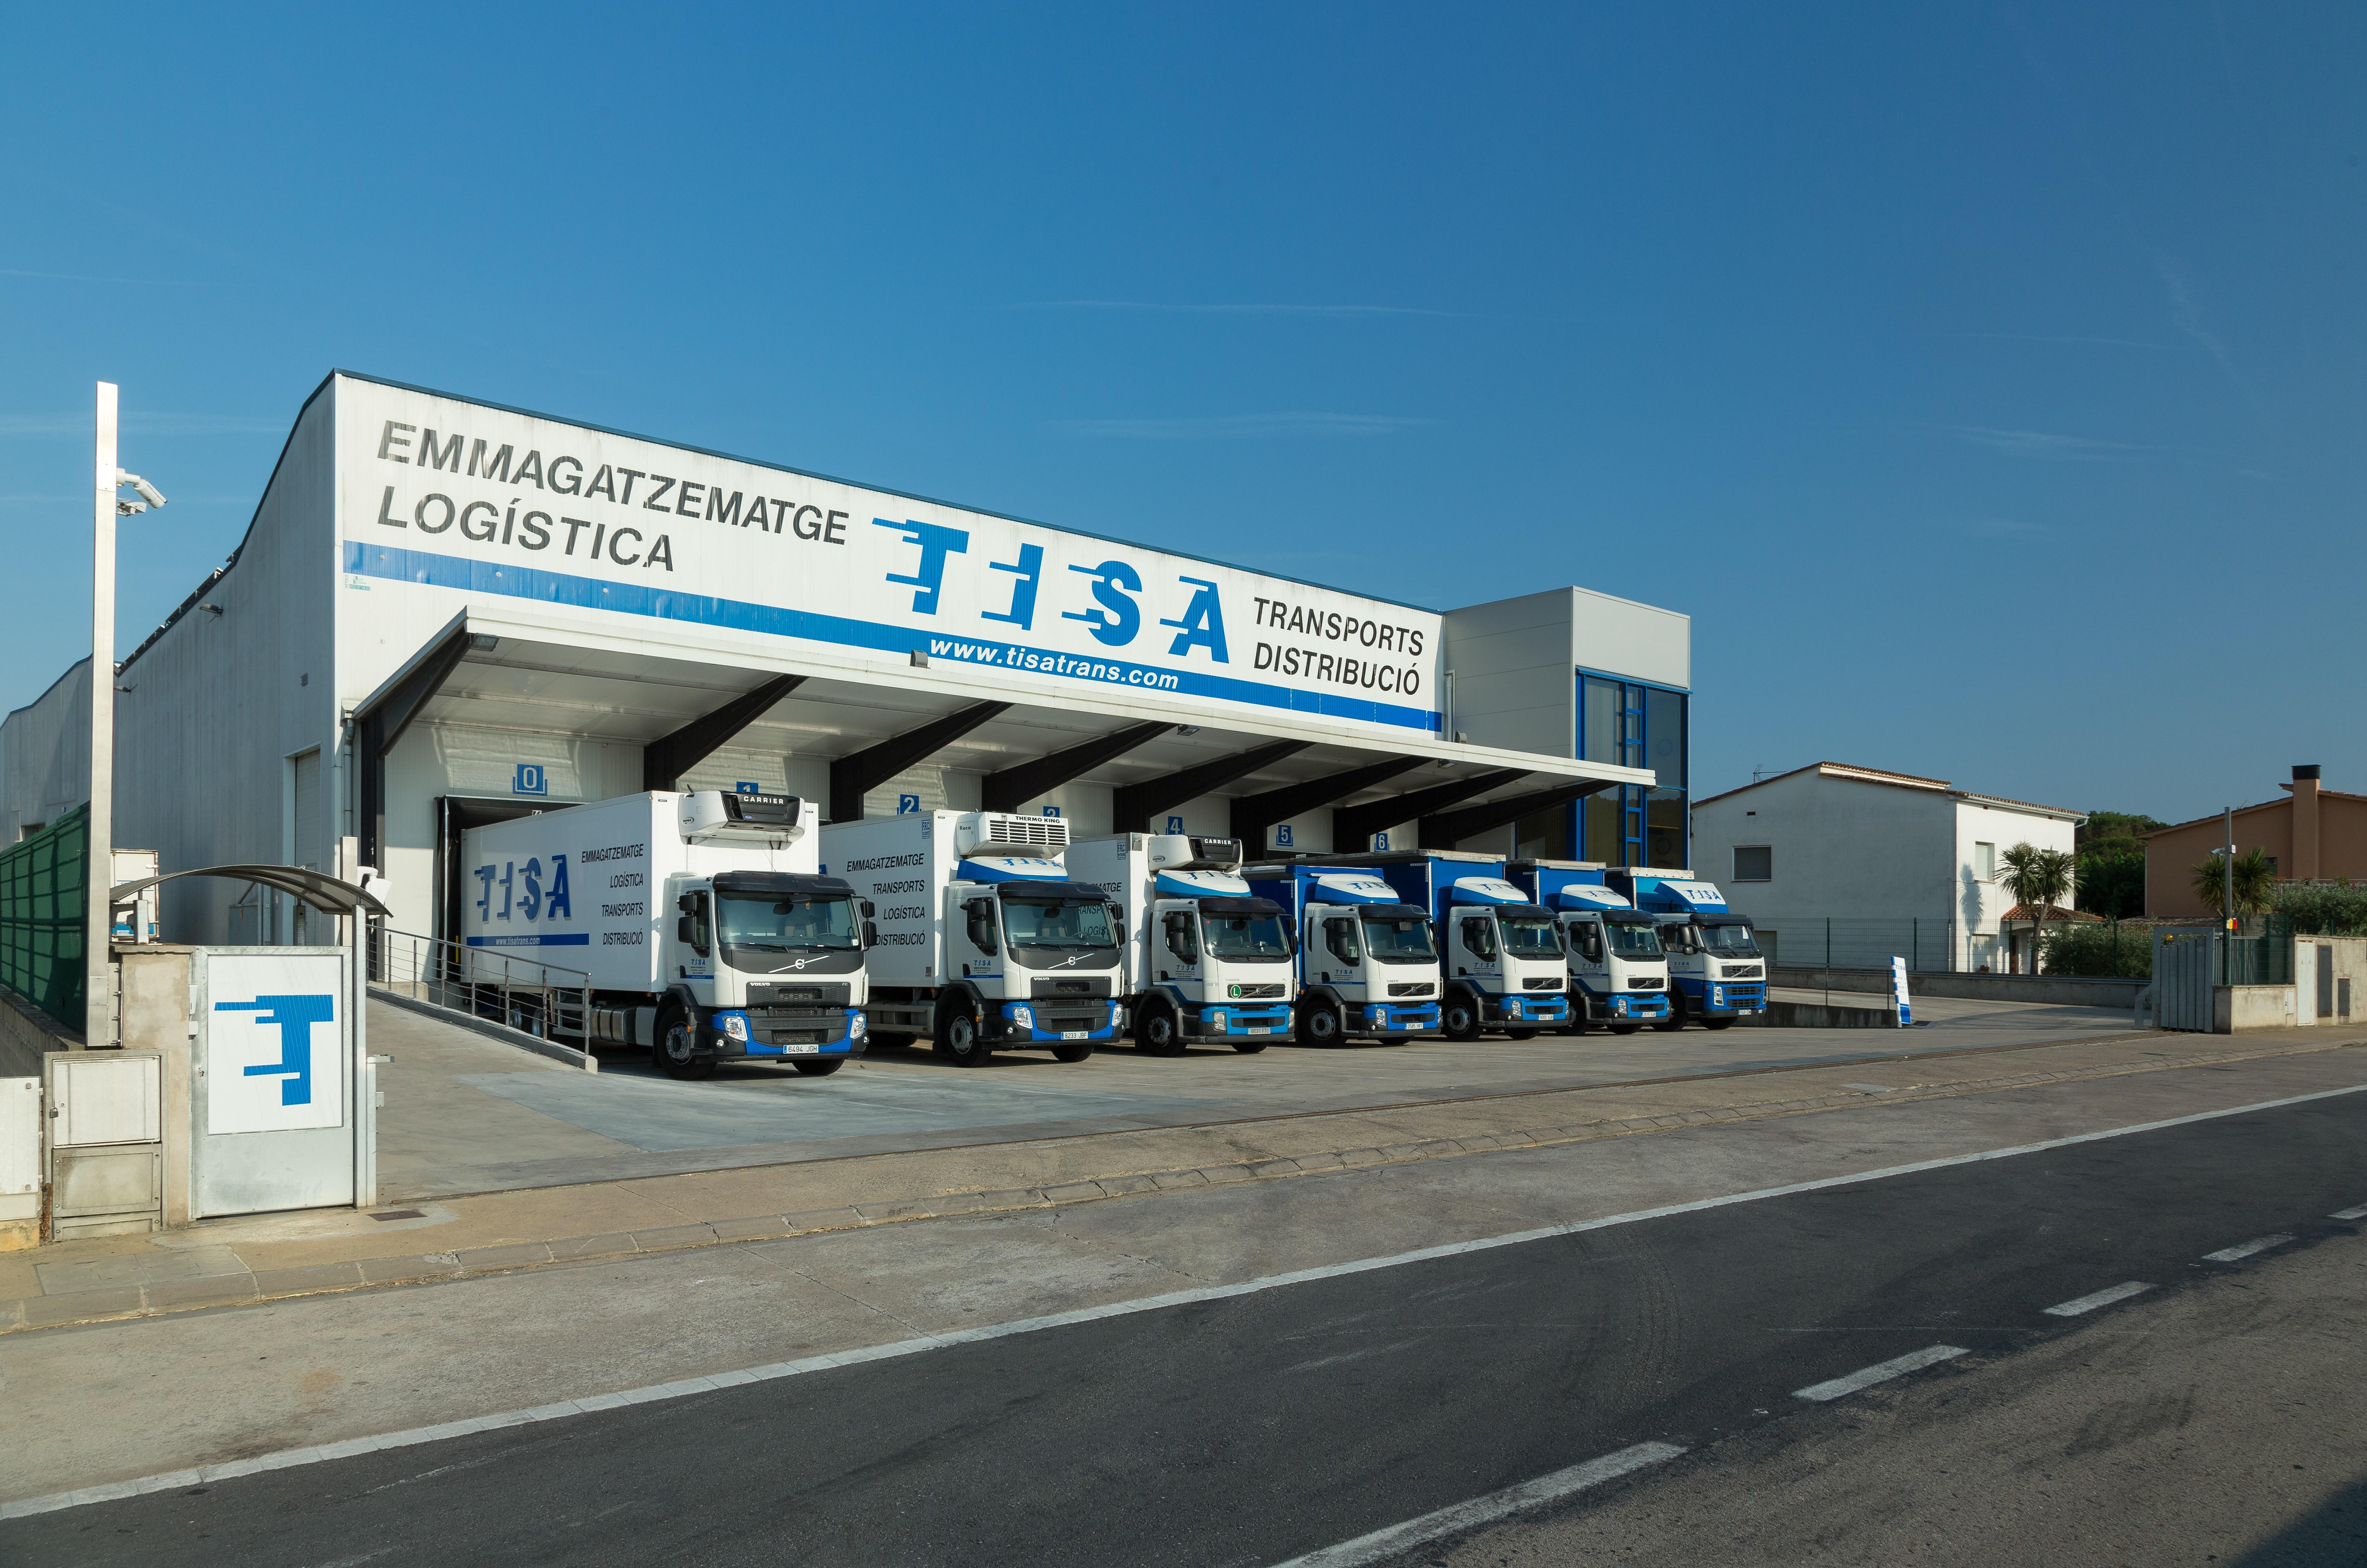 Benvinguts a Tisa